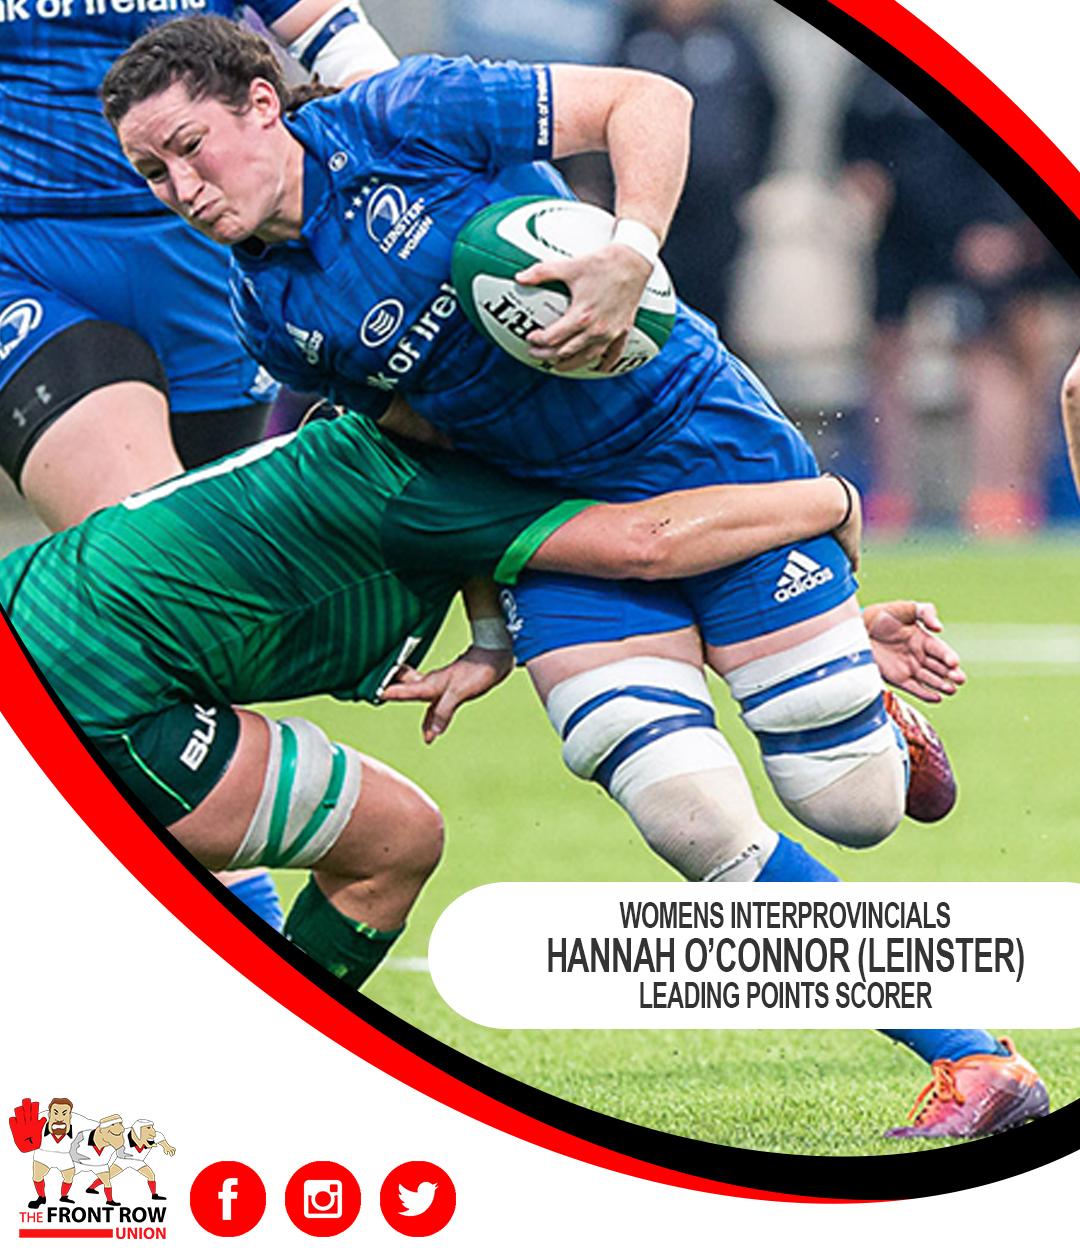 Hannah O'Connor Leinster